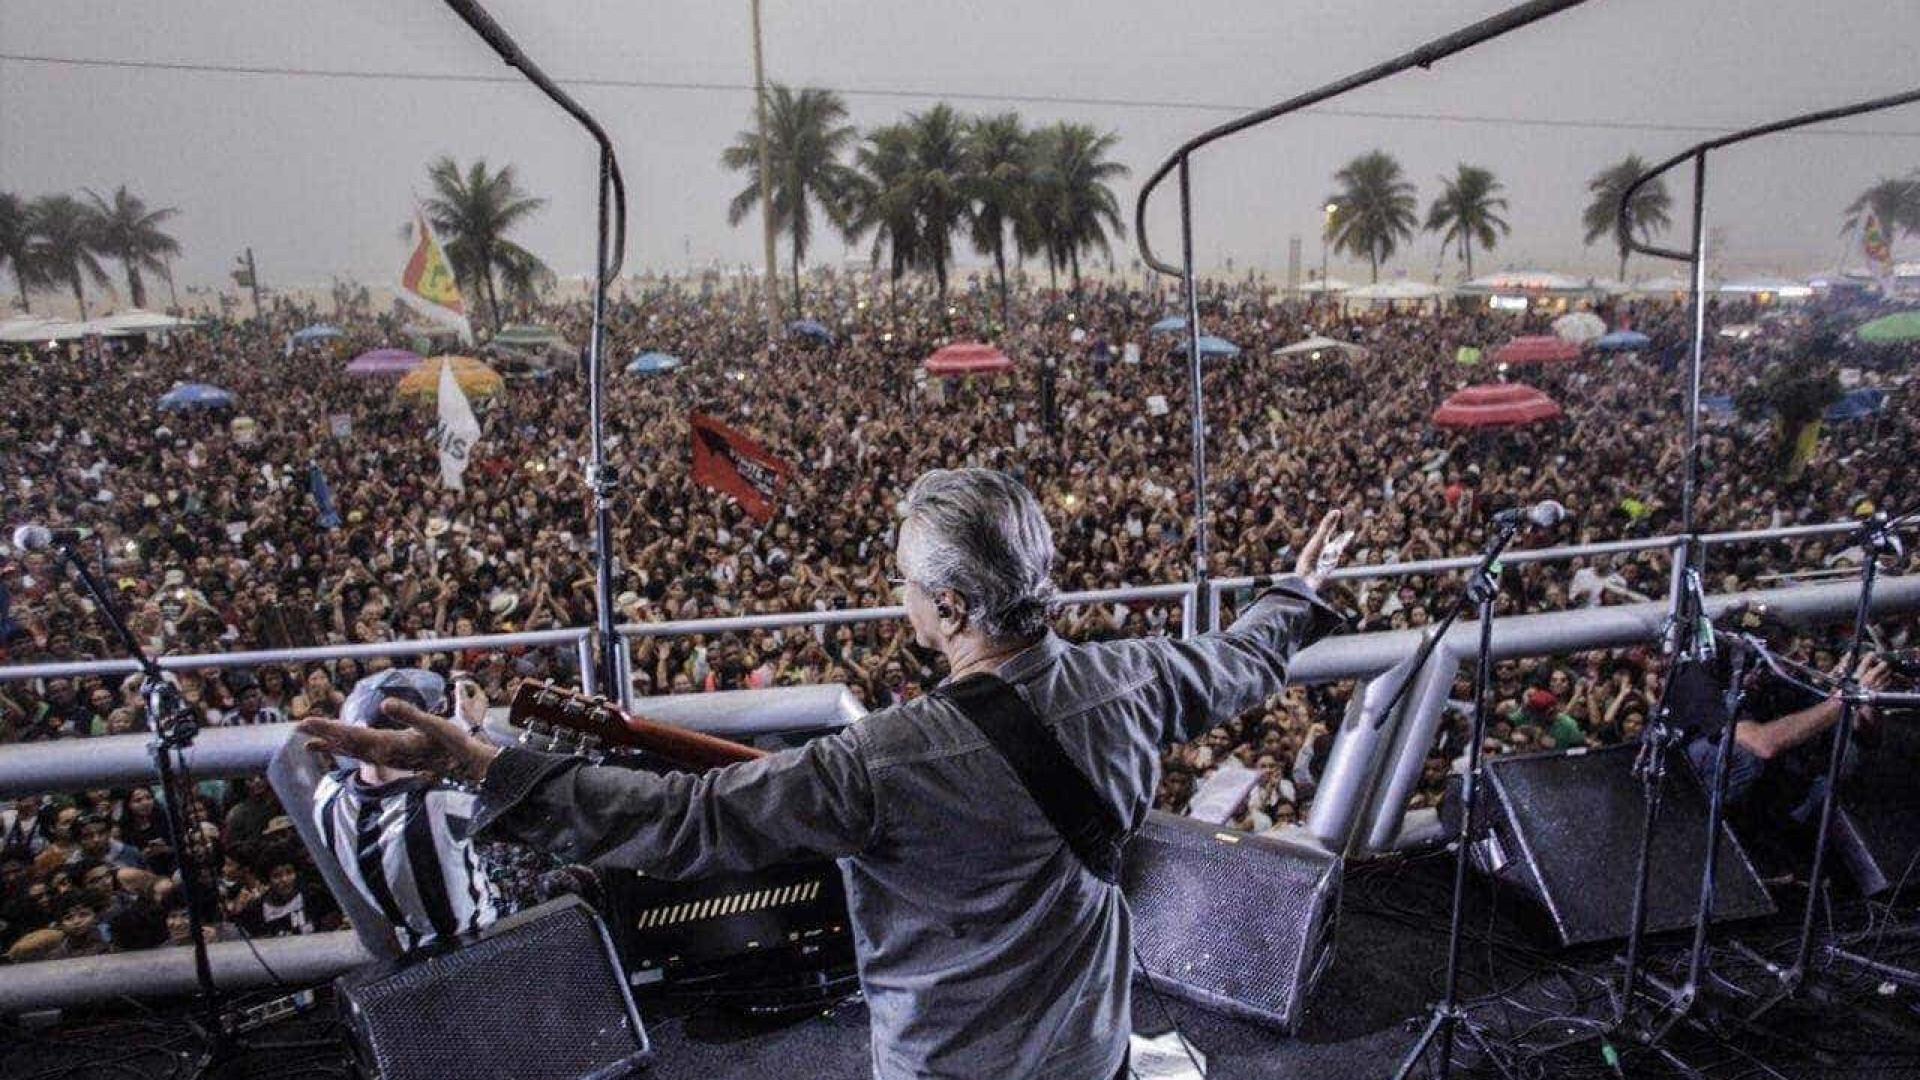 Caetano canta 'Podres Poderes' em ato no Rio